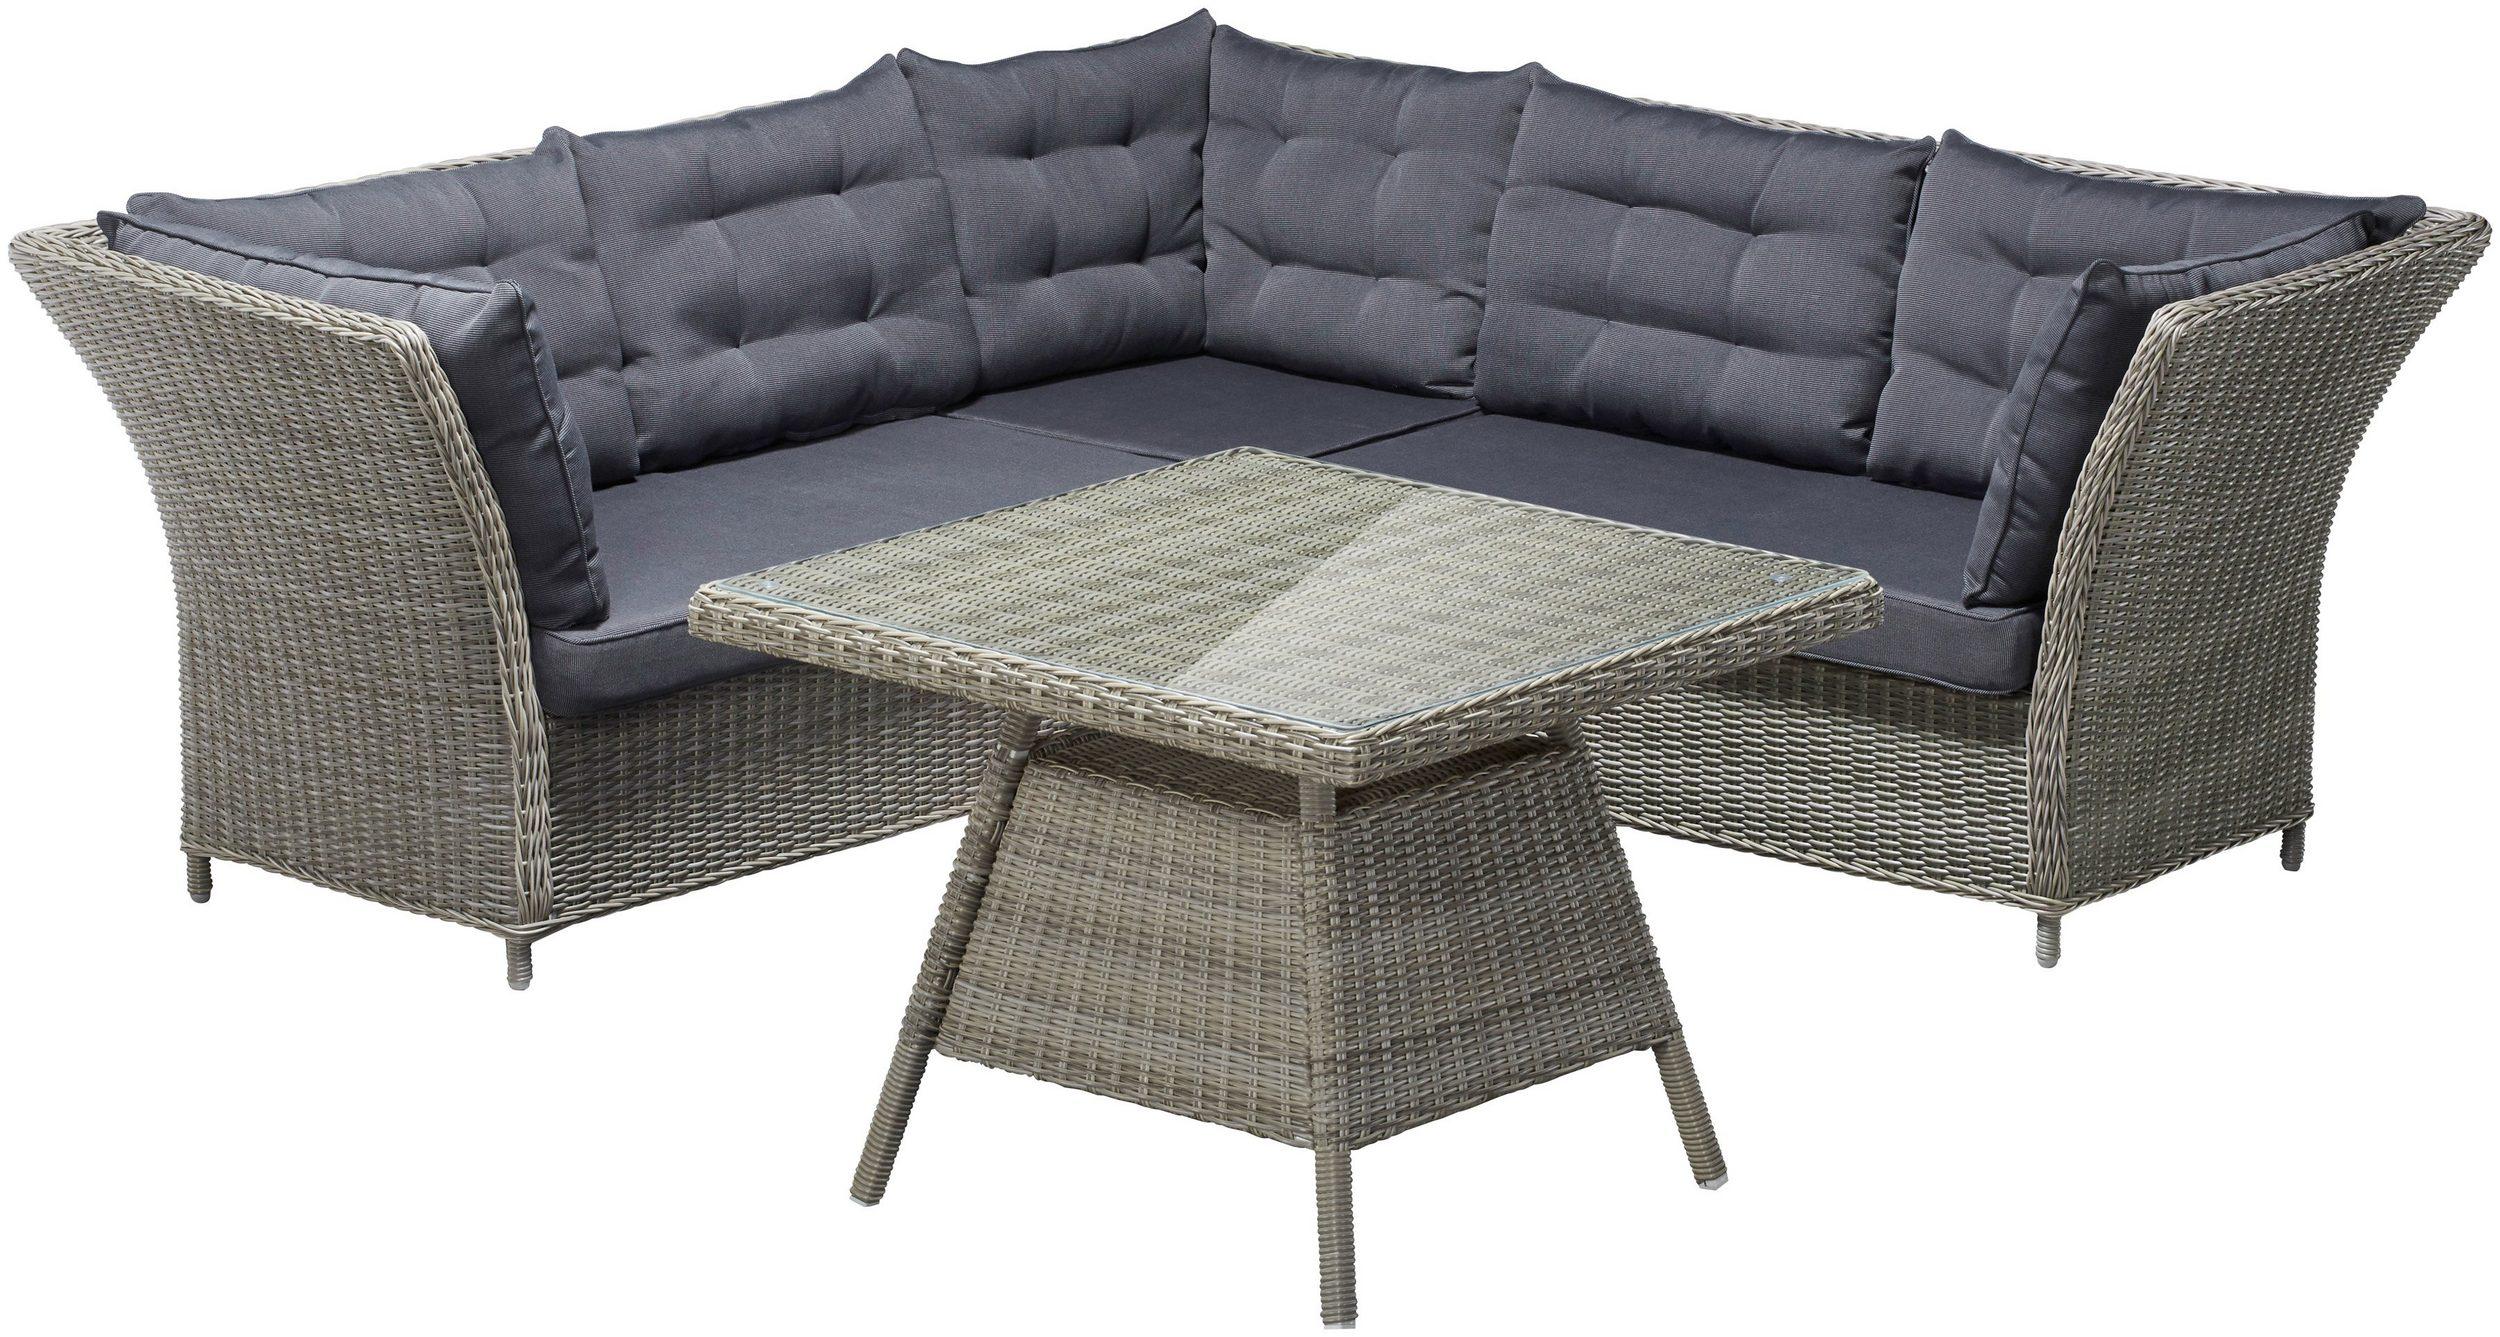 Ecklounge Loungegruppe Loungebett Gartengruppe Polyrattan grau 7150351